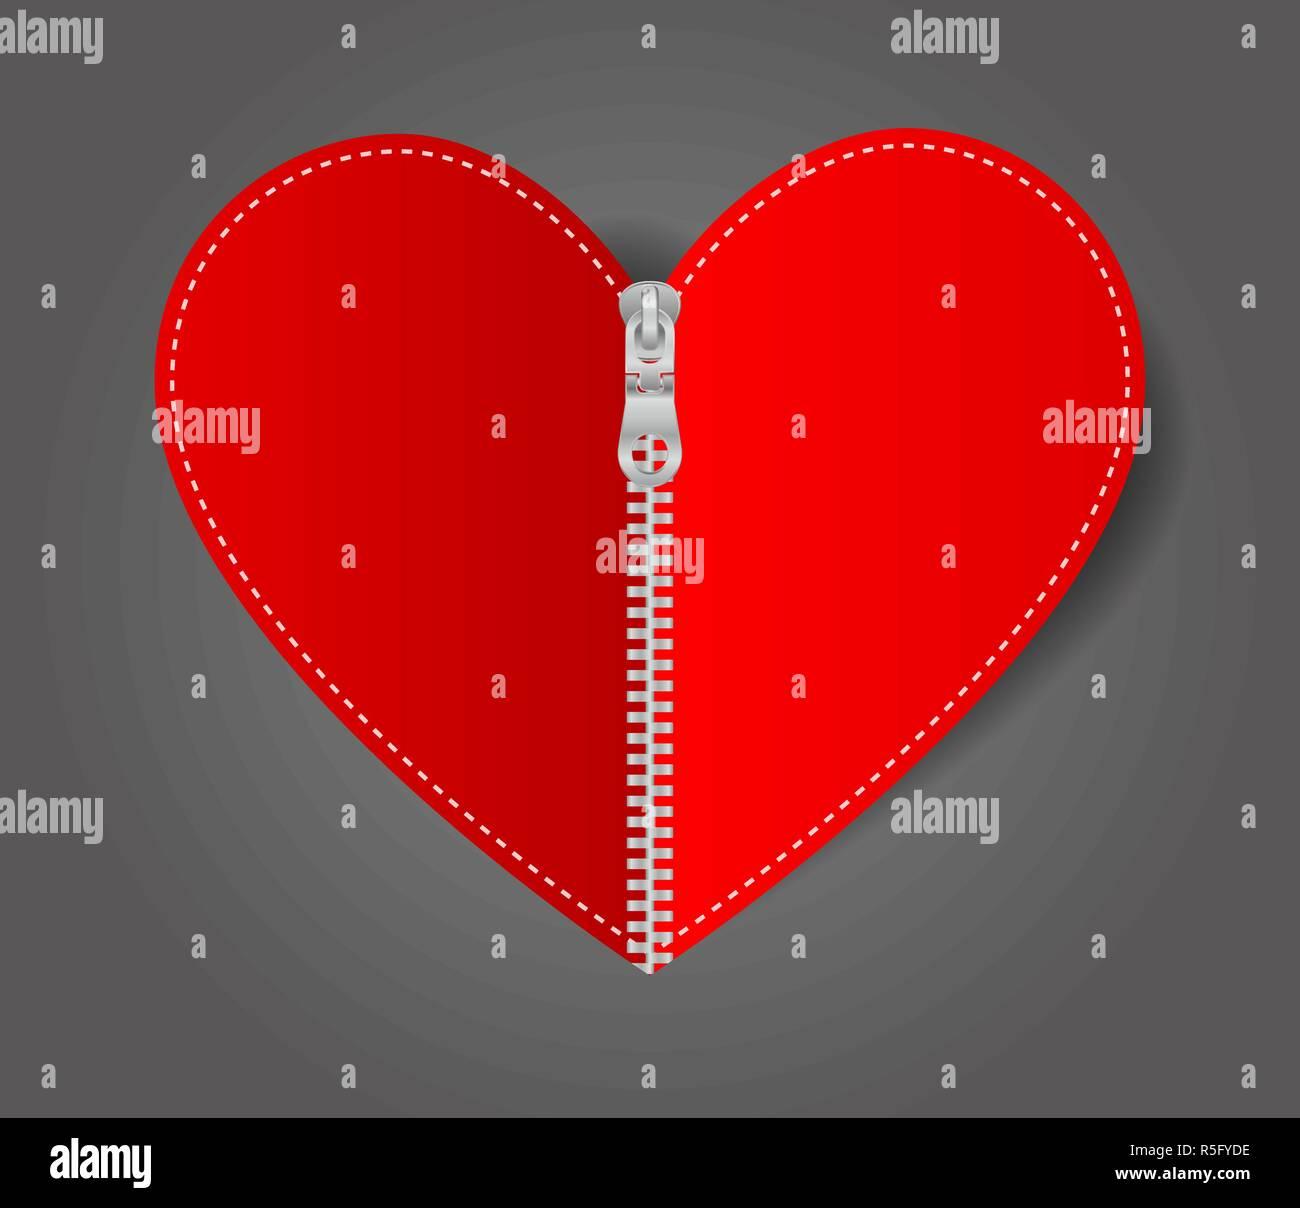 Vector Heart sealed white zipper - Stock Image